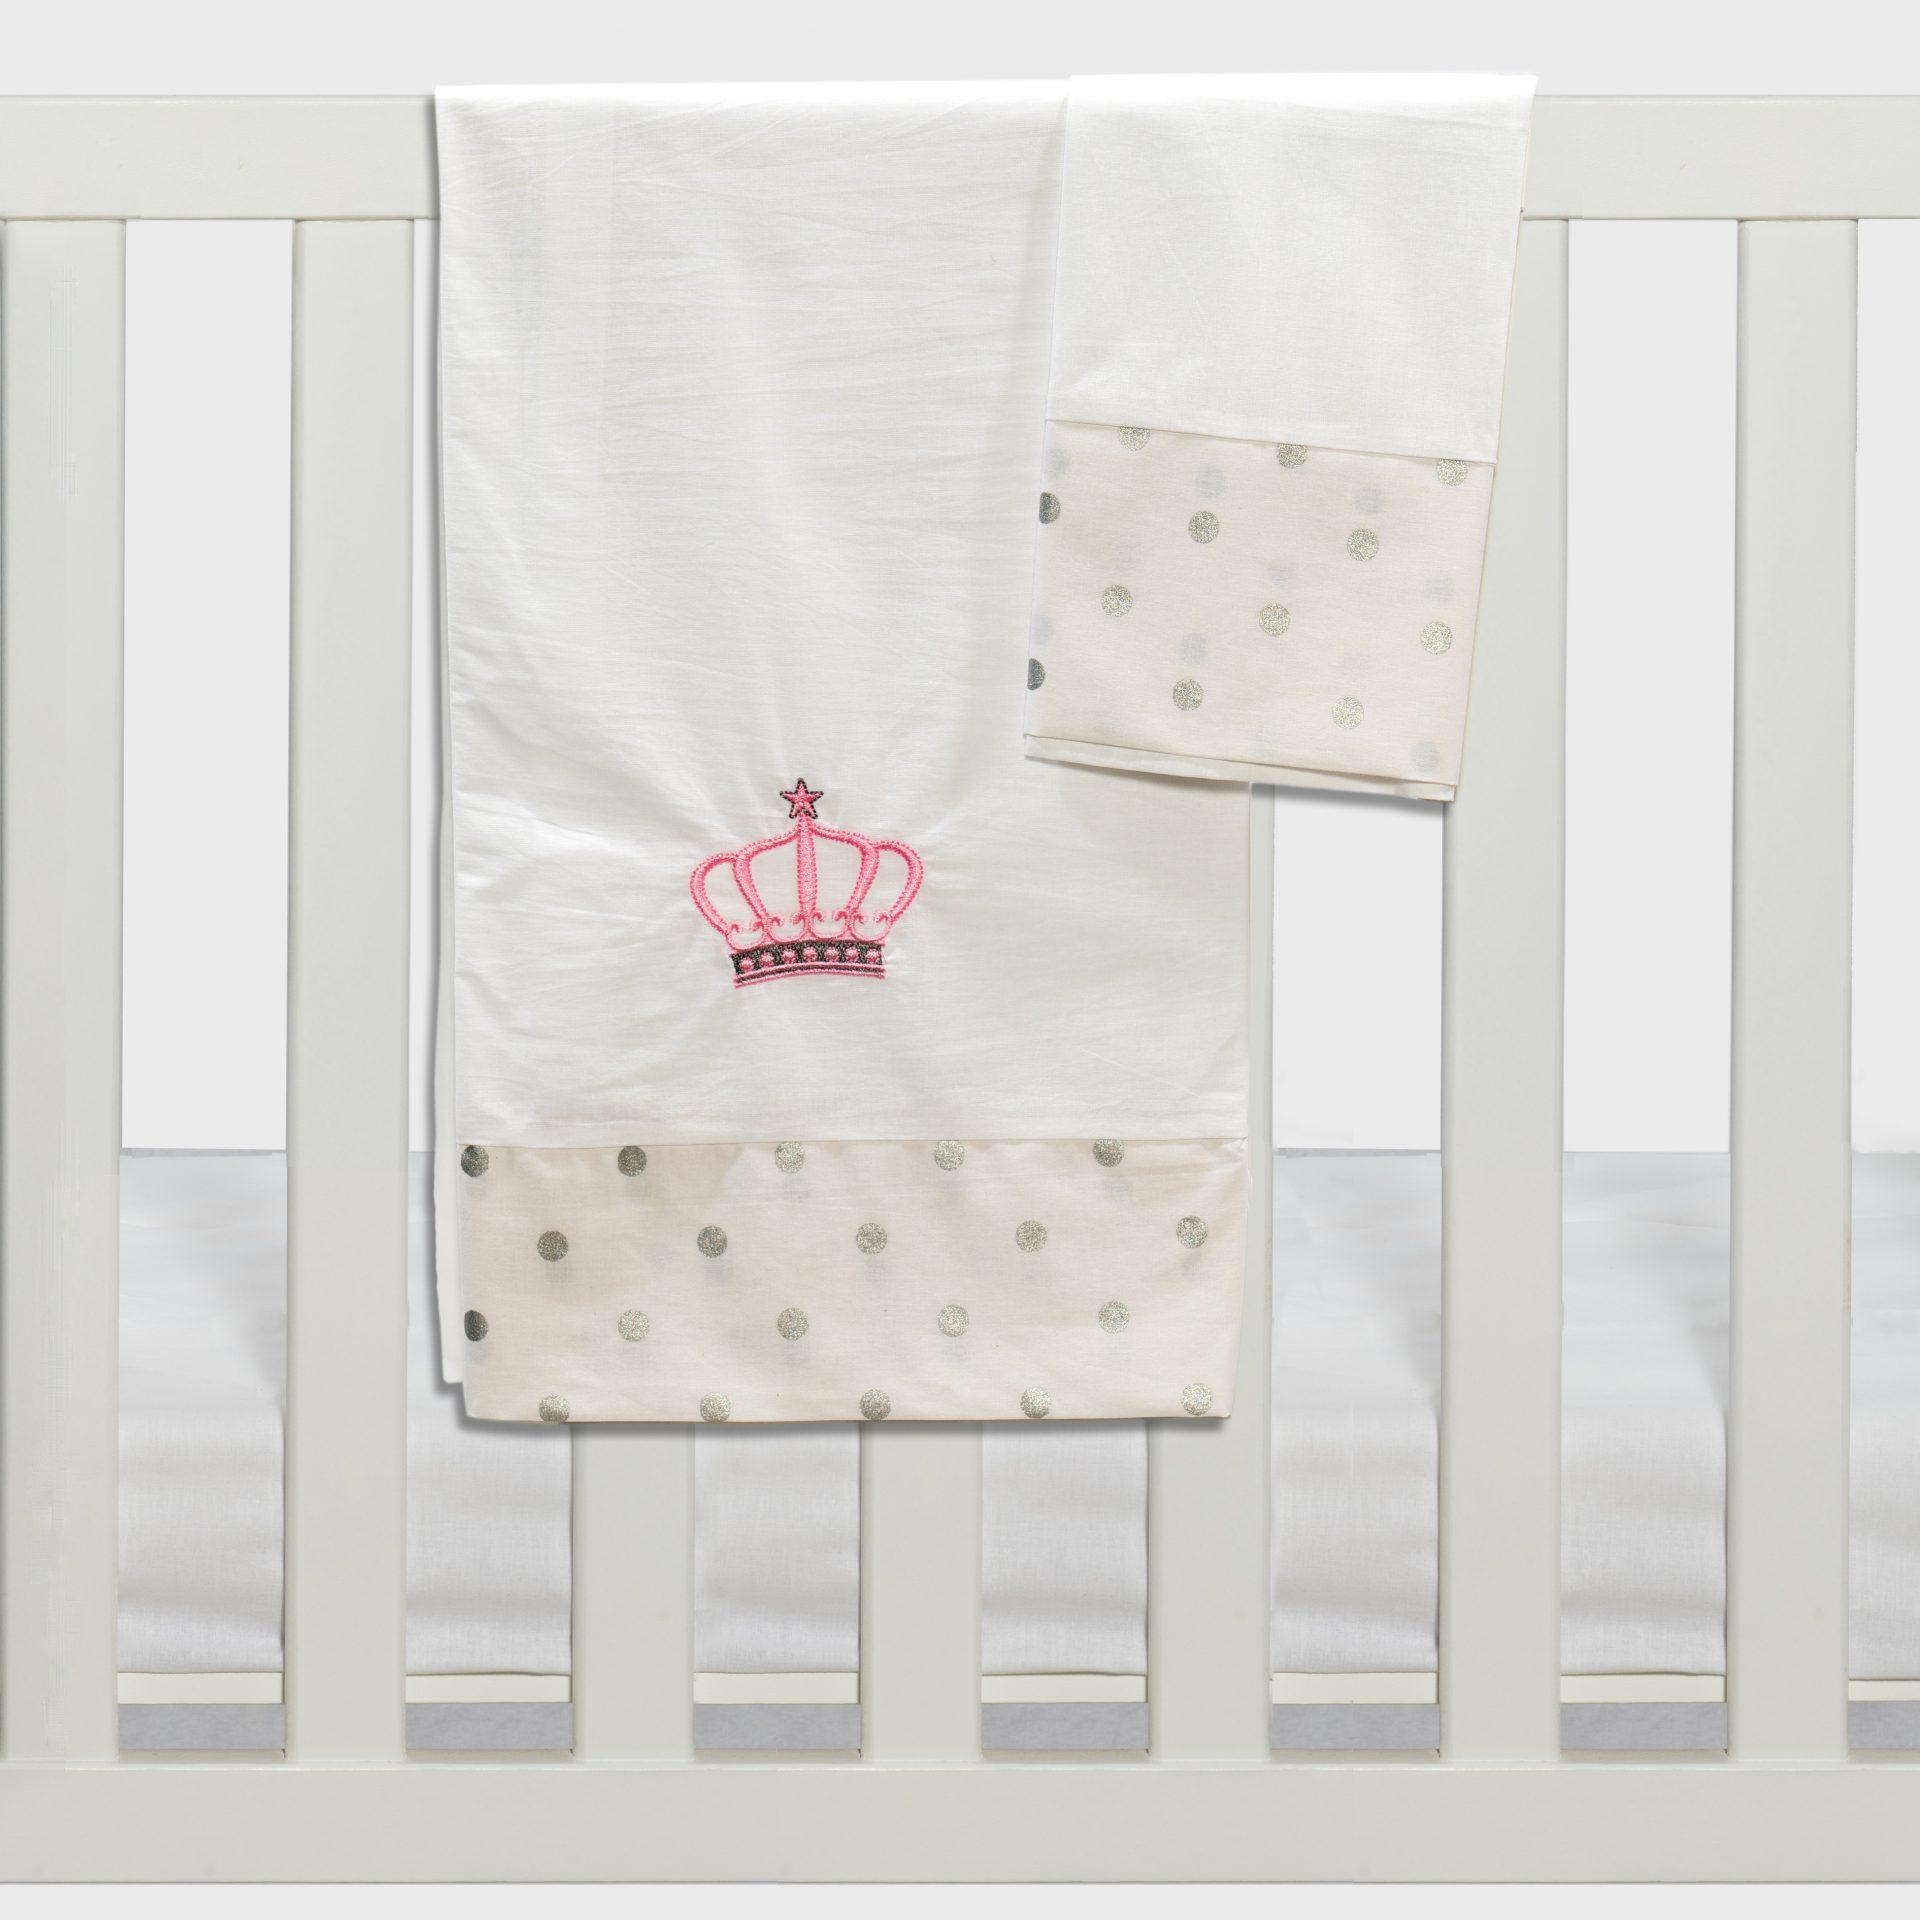 Σετ σεντόνια καλαθούνας-λίκνου3τμχ queens crown ροζ Abo